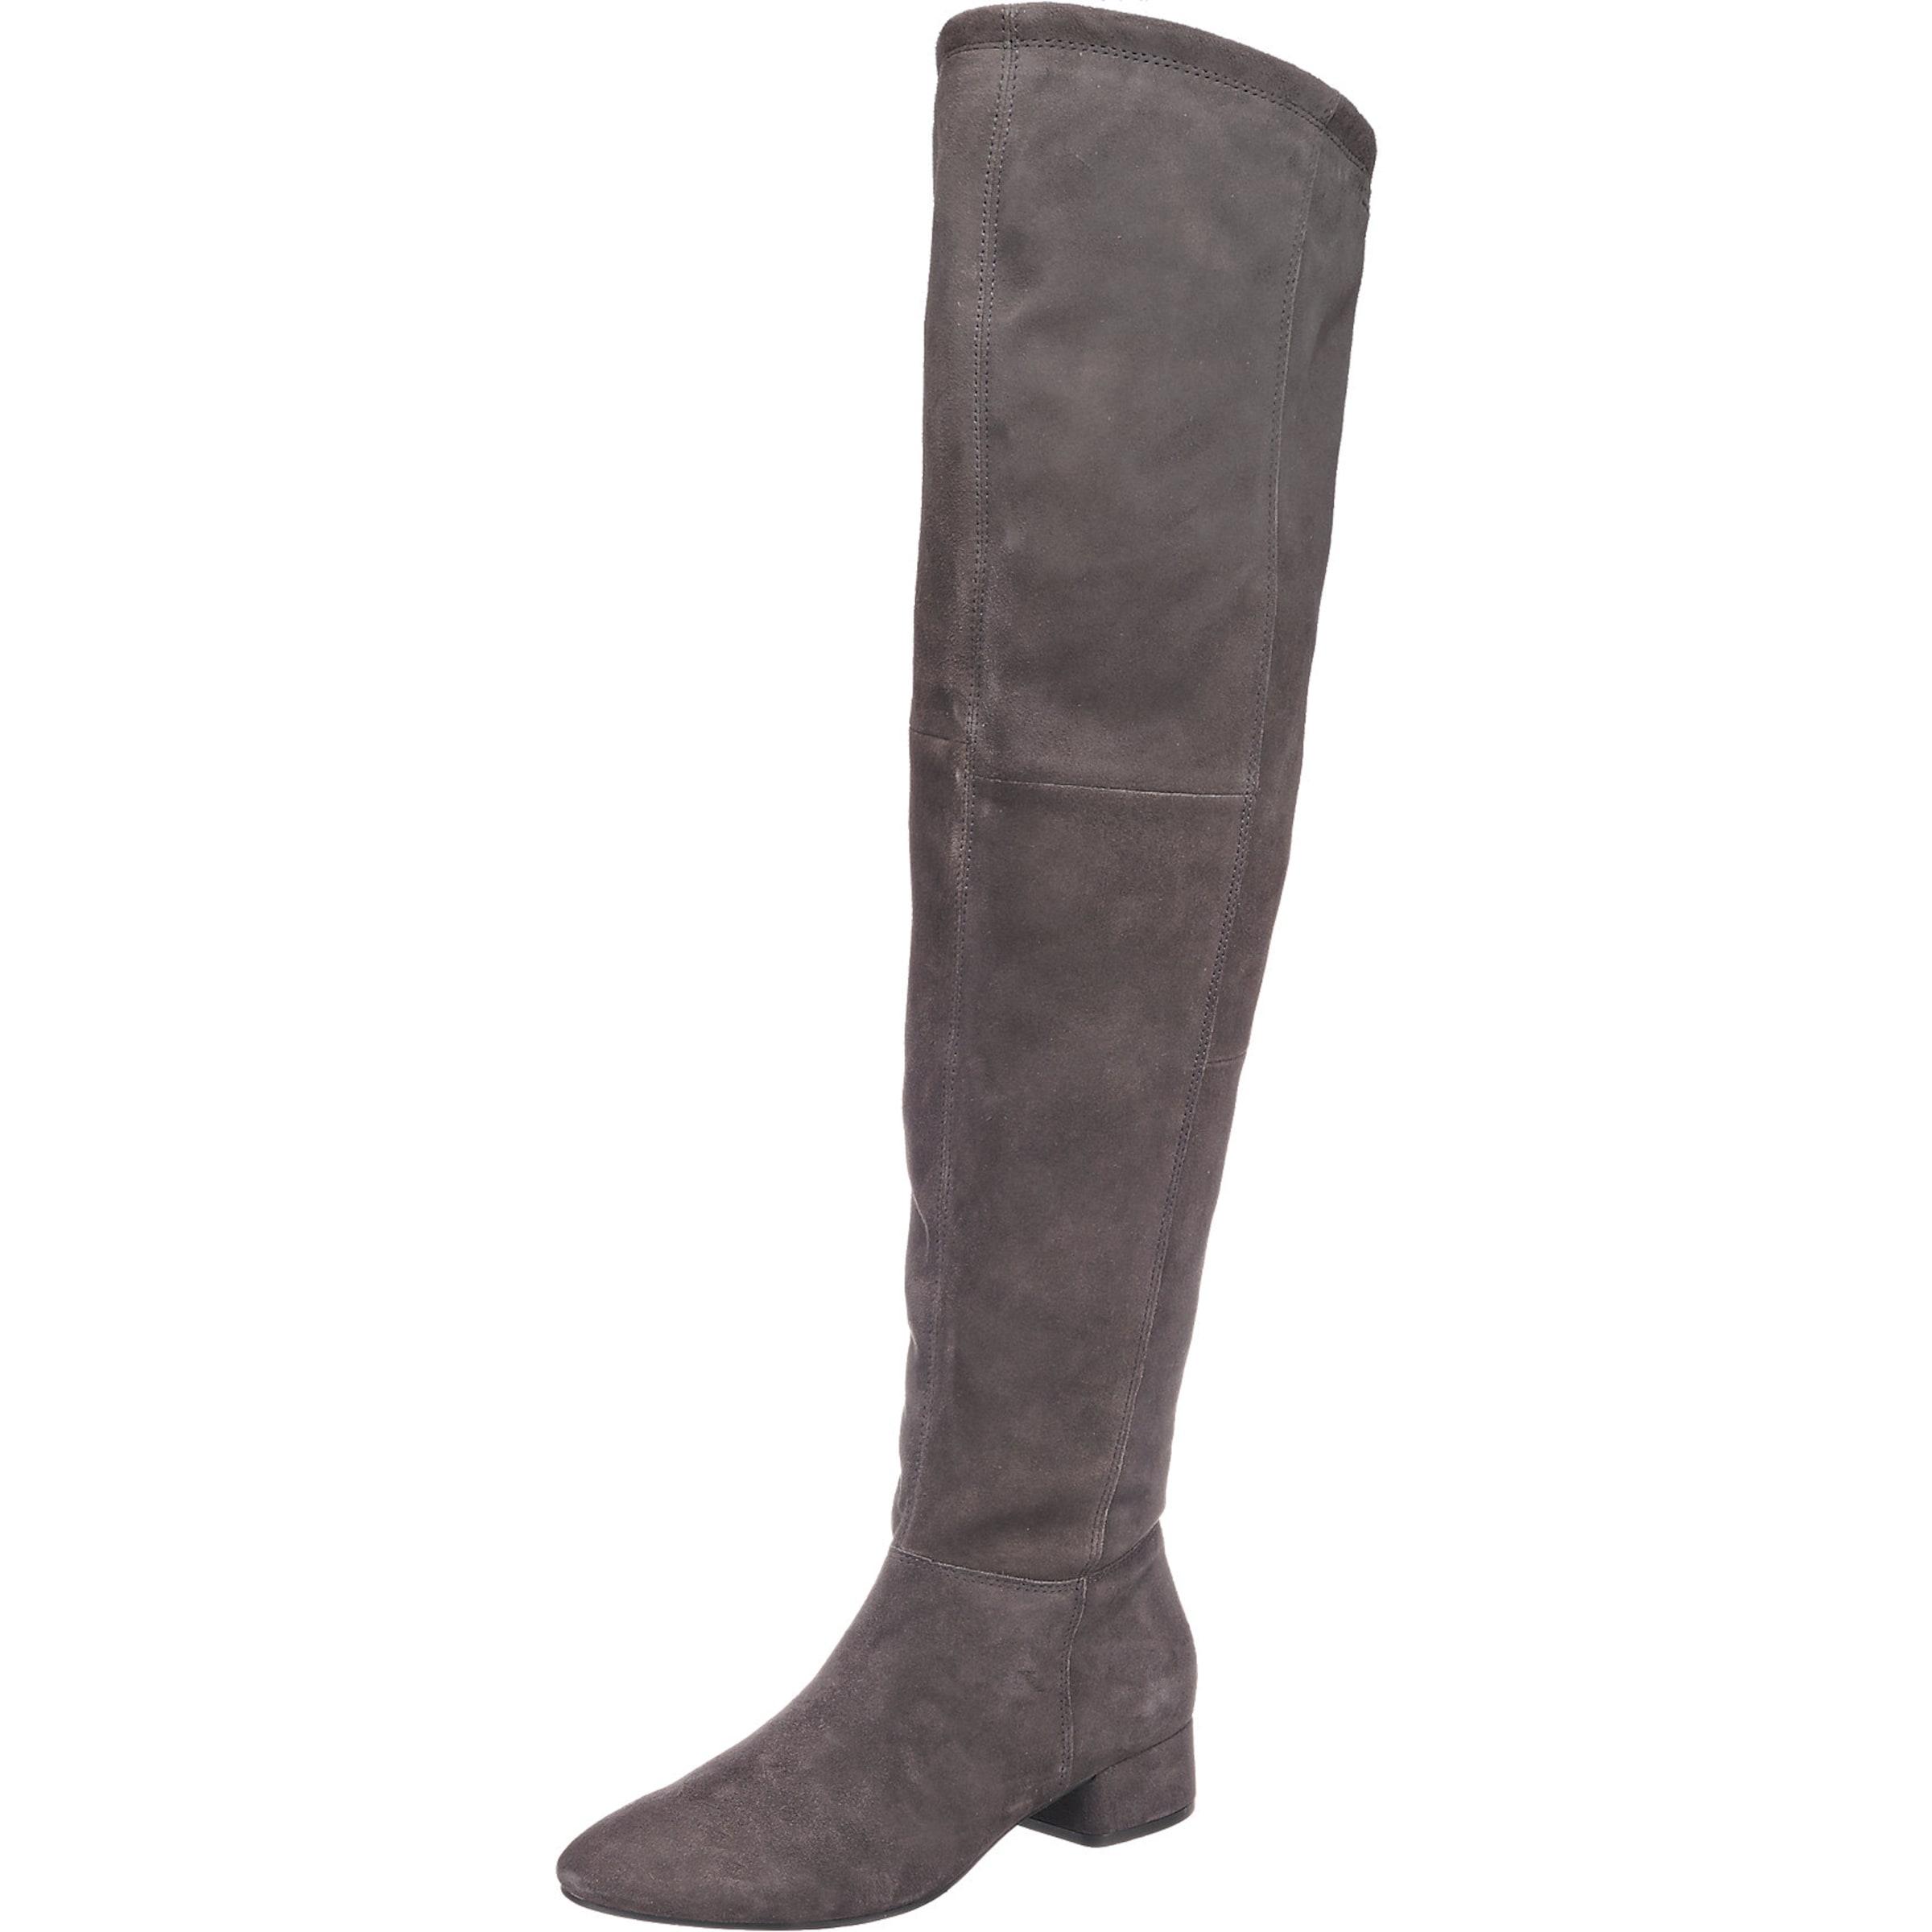 VAGABOND SHOEMAKERS Gigi Stiefel Verschleißfeste billige Schuhe